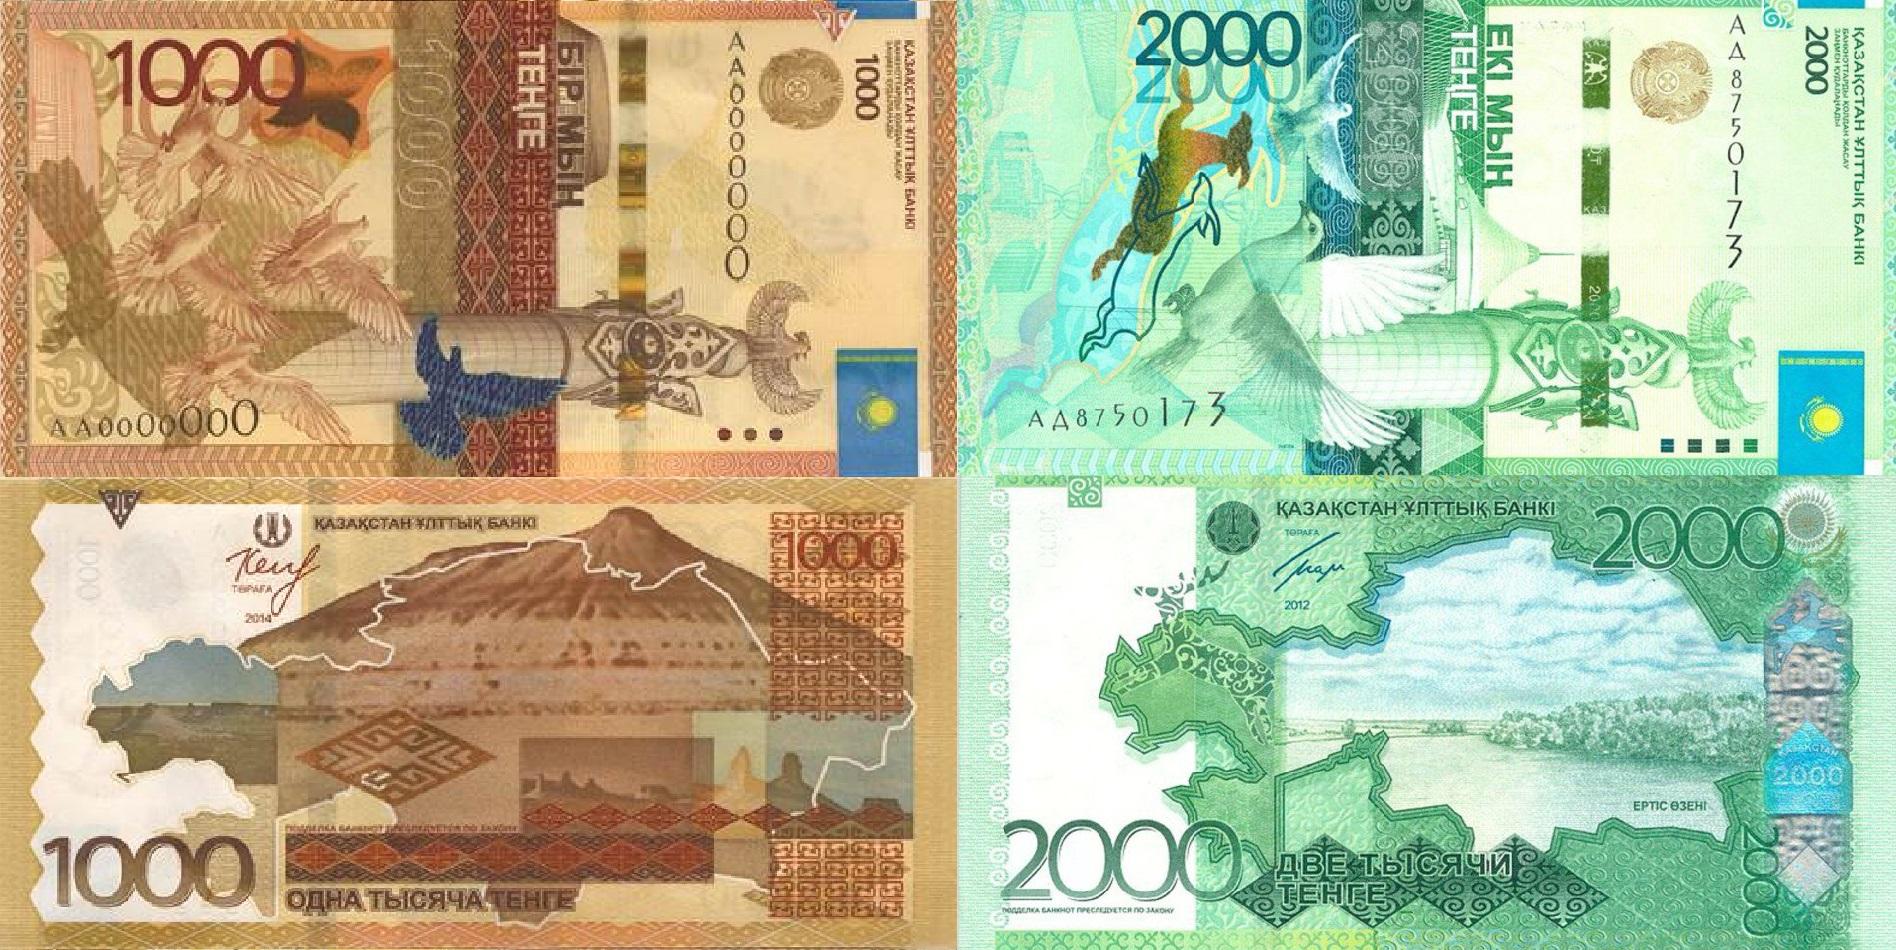 денежные купюры казахстан фото образцы многолетние травянистые